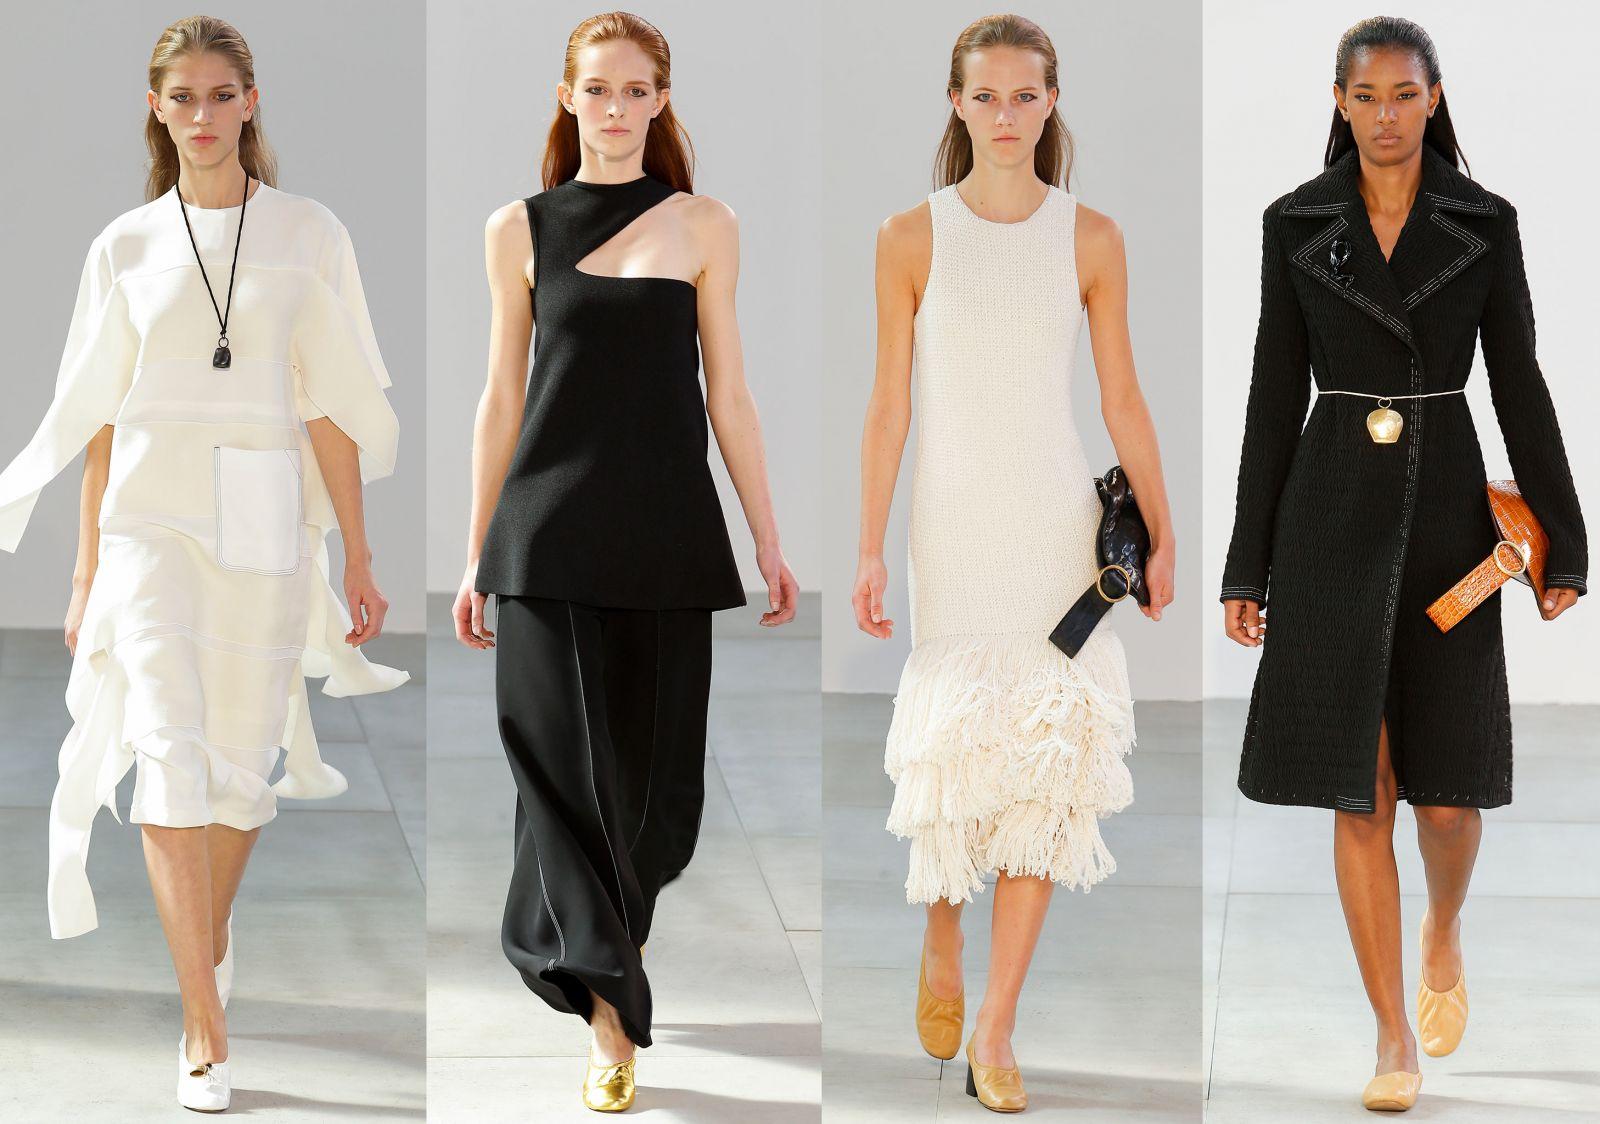 Неделя моды в Париже: Céline, весна-лето 2015 - фото №2